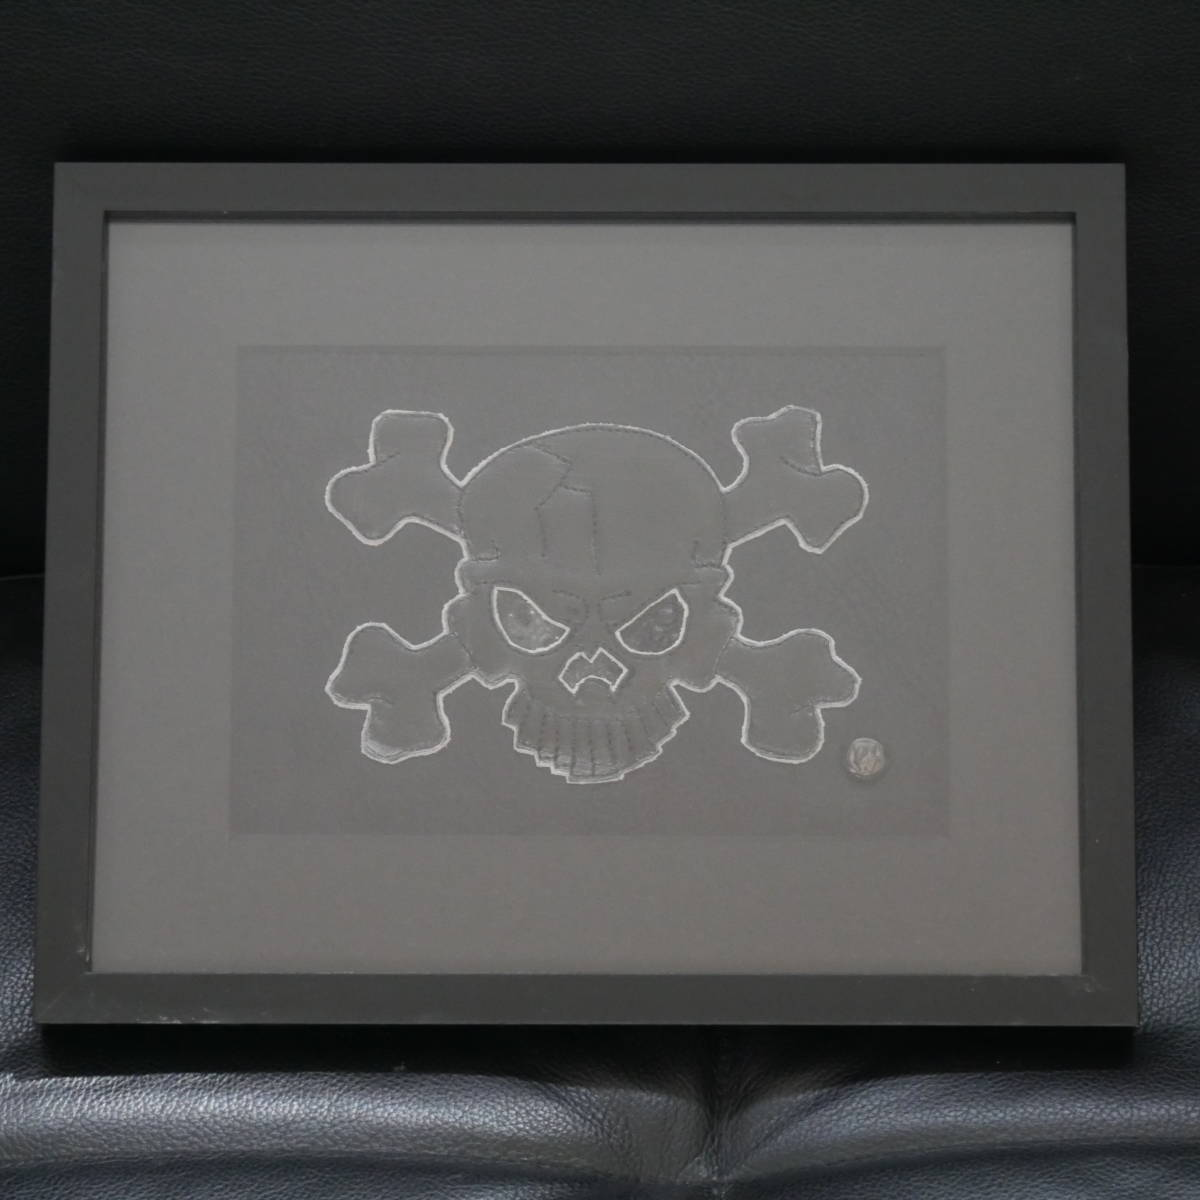 """【新品】TRAVIS WALKER トラヴィスワーカー レザーアート """"THE BLACK FLAG 05"""" 1OF1 限定 10 2005年 サイン入り 額装品 オマケ多数付_画像2"""